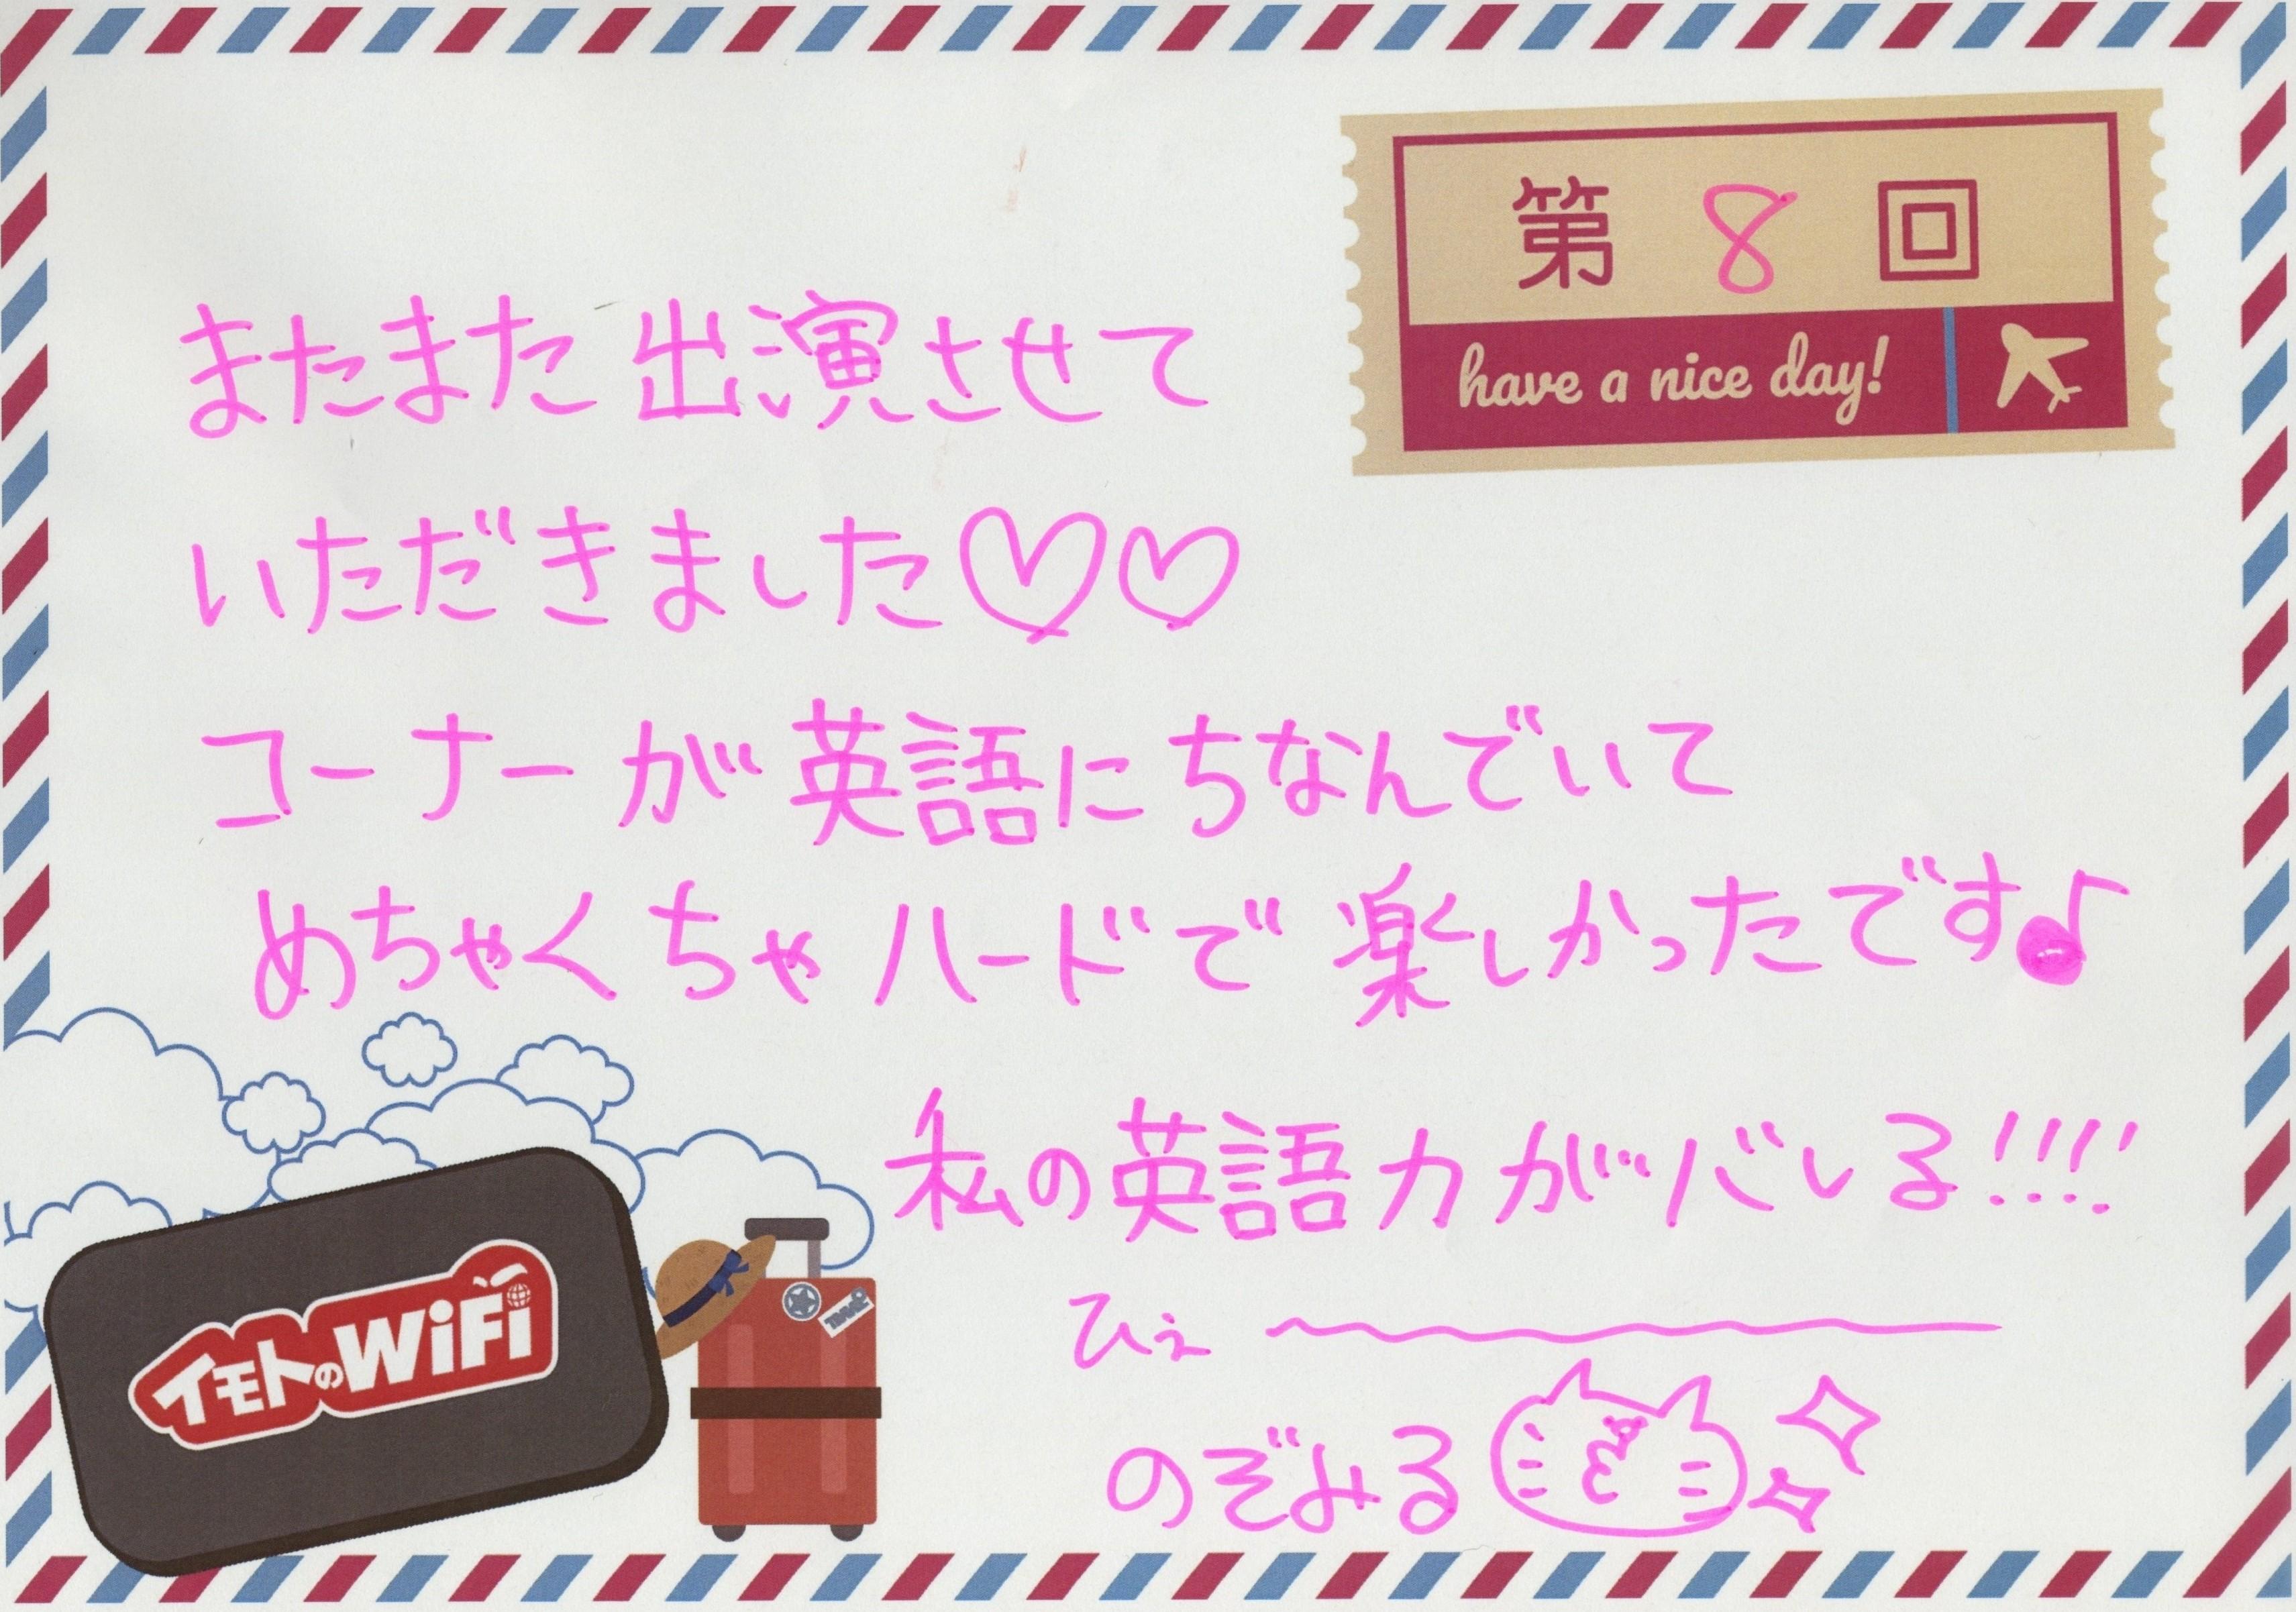 wifi08guest.n.jpg